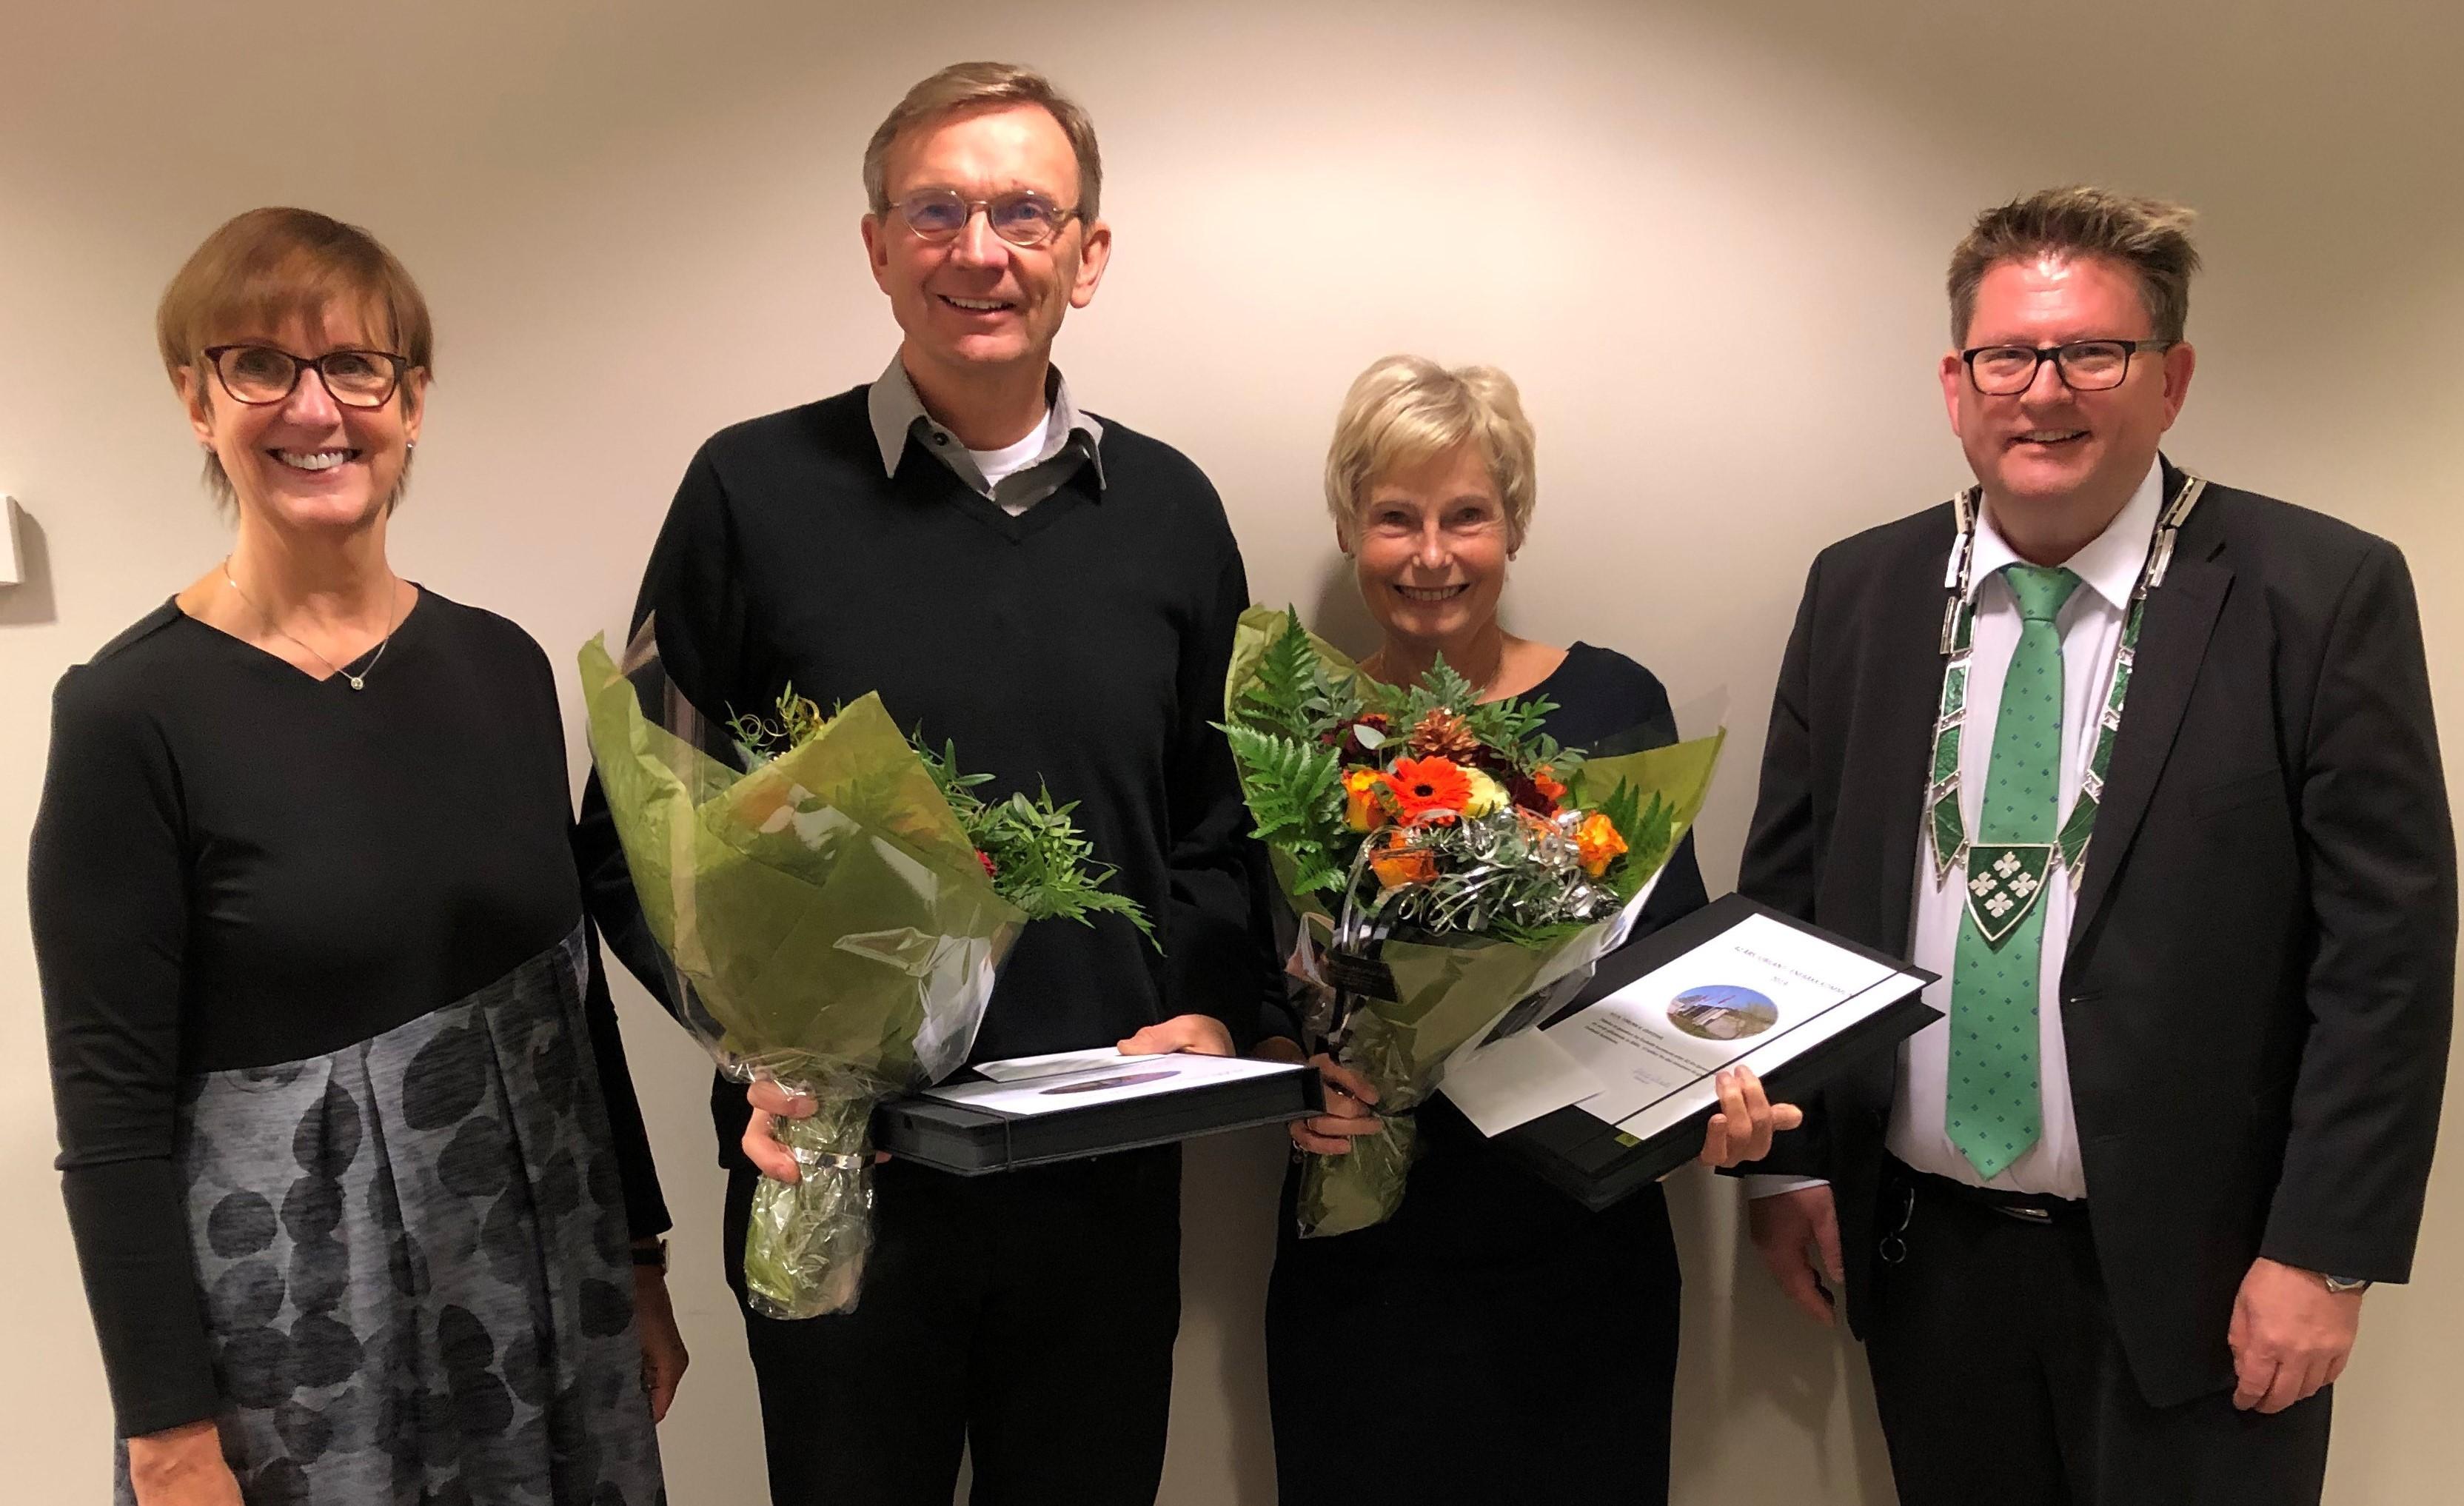 Hedret for 40 års tjeneste i Enebakk kommune - f.v. rådmann Kjersti Øiseth, Anders Heimdal, Torunn H. Gravdahl, ordfører Hans Kristian Solberg